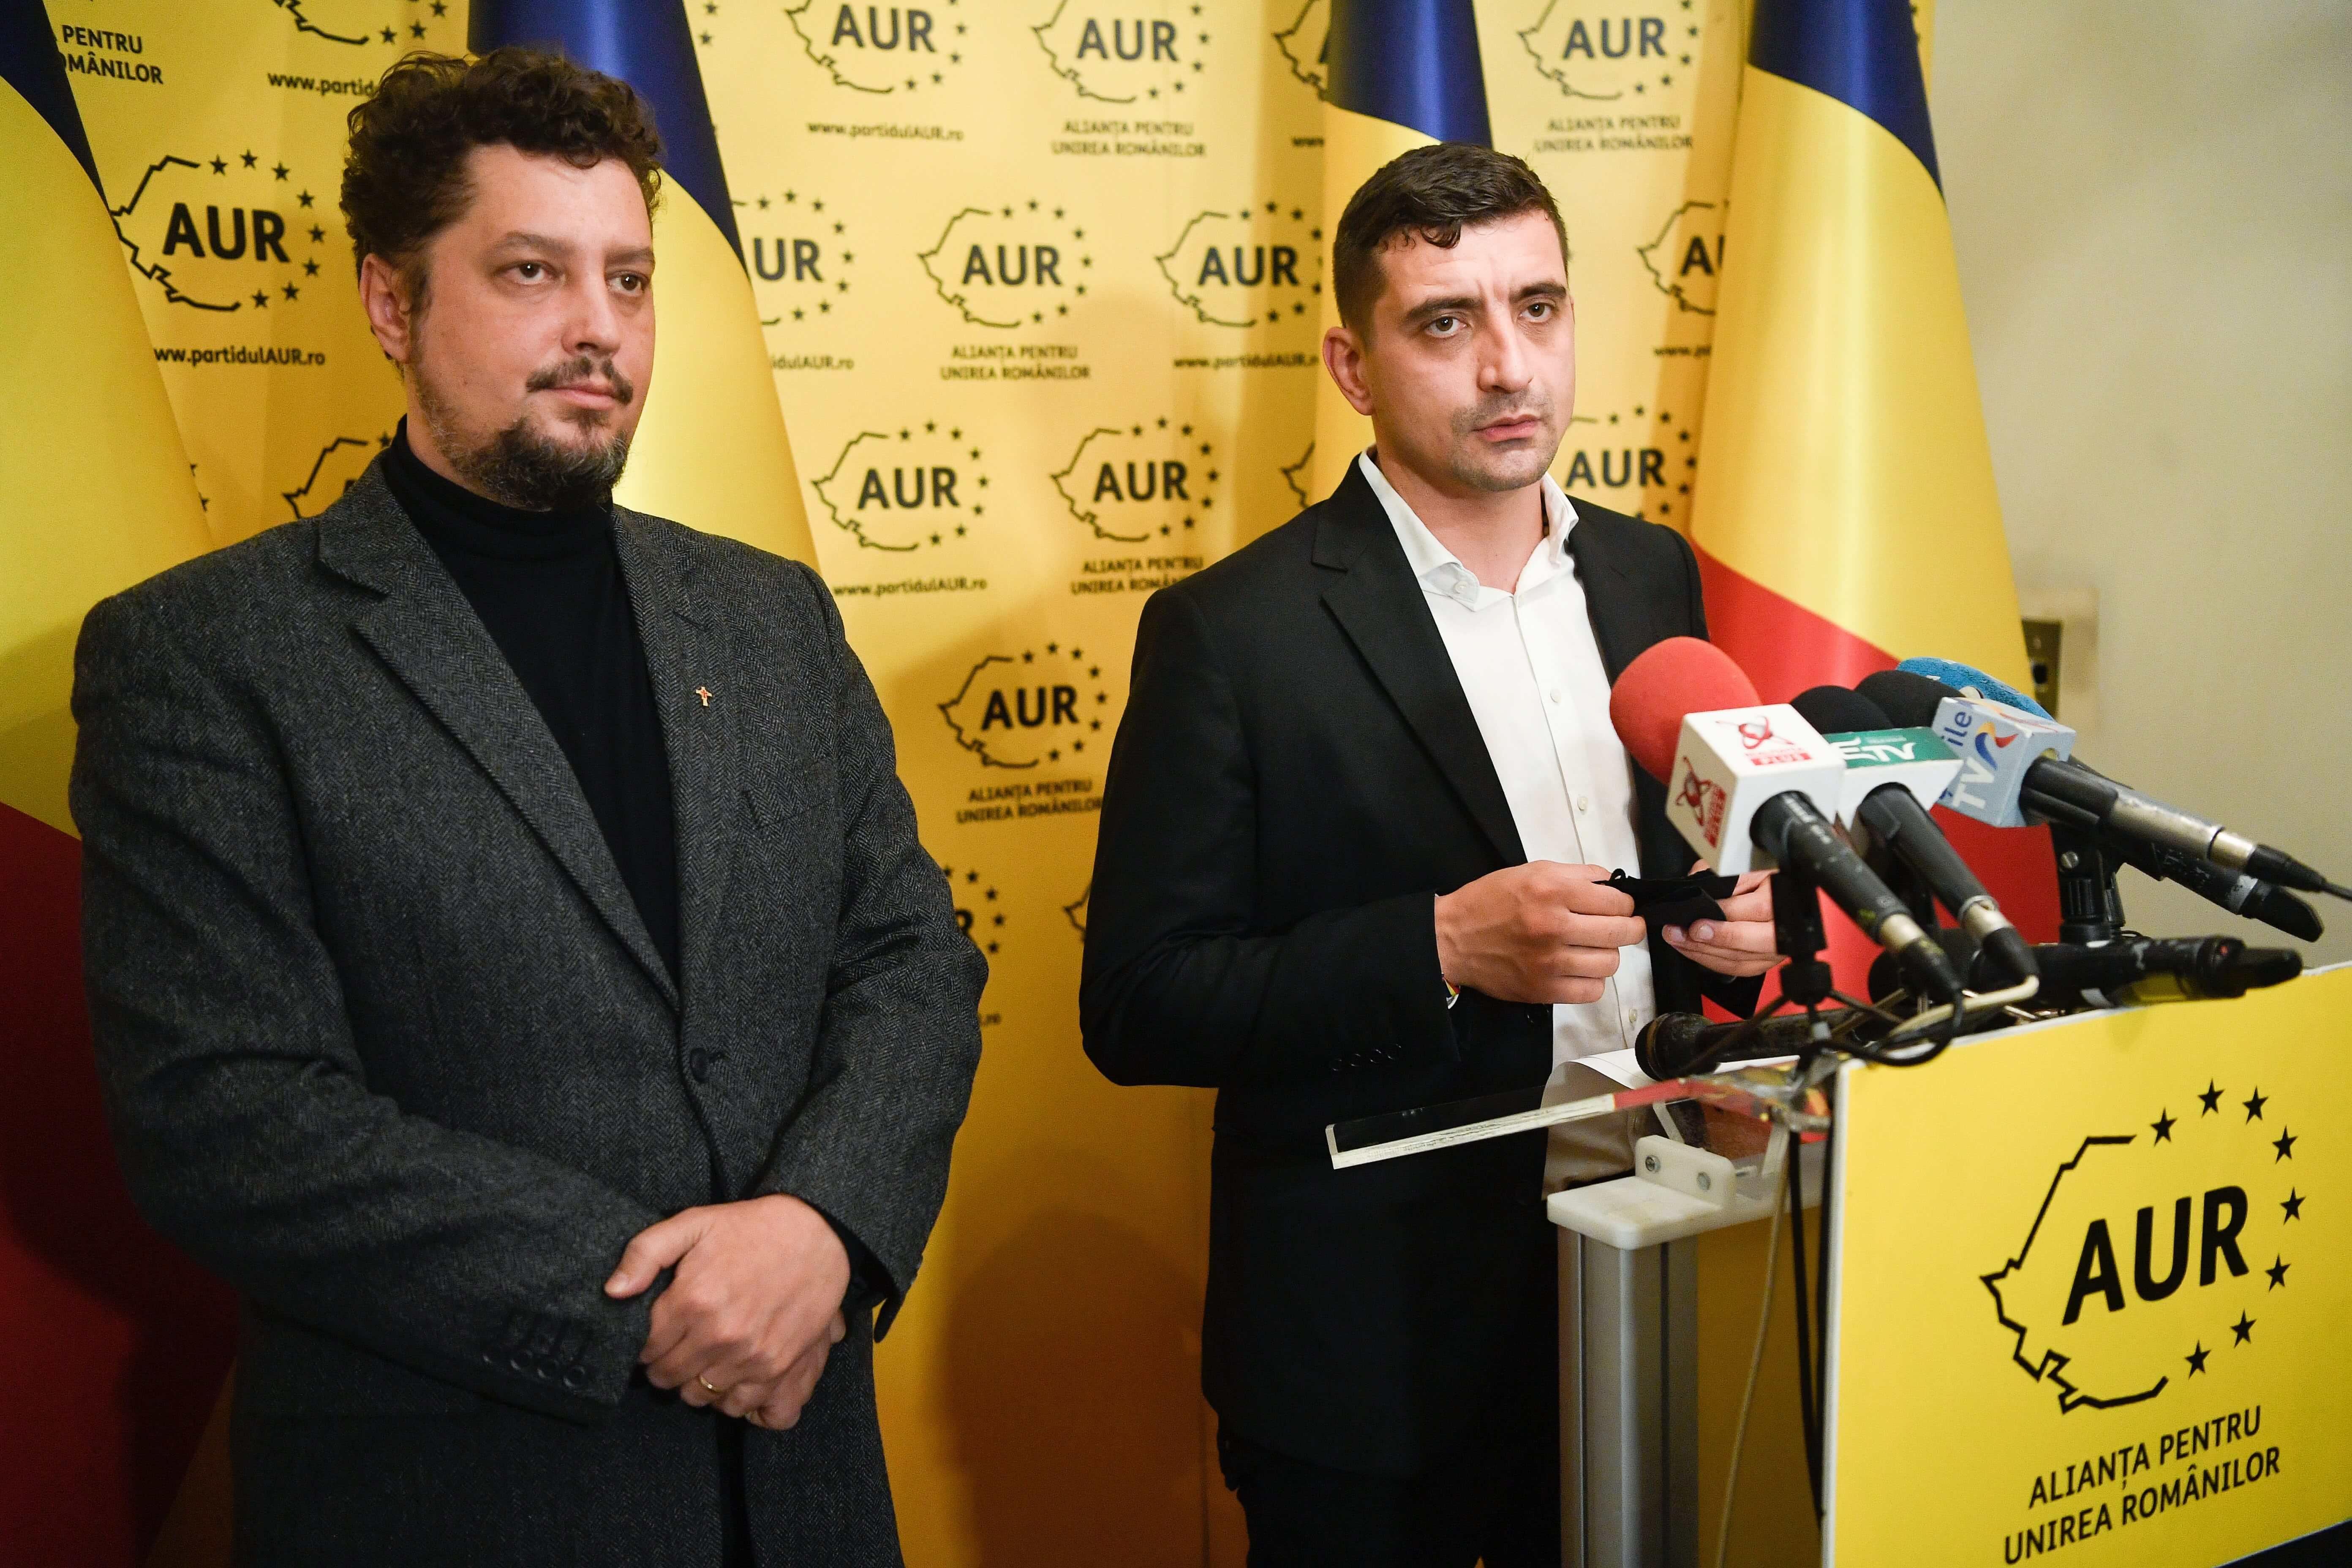 Rezultatul obținut de AUR la alegerile parlamentare, în atenția presei internaționale